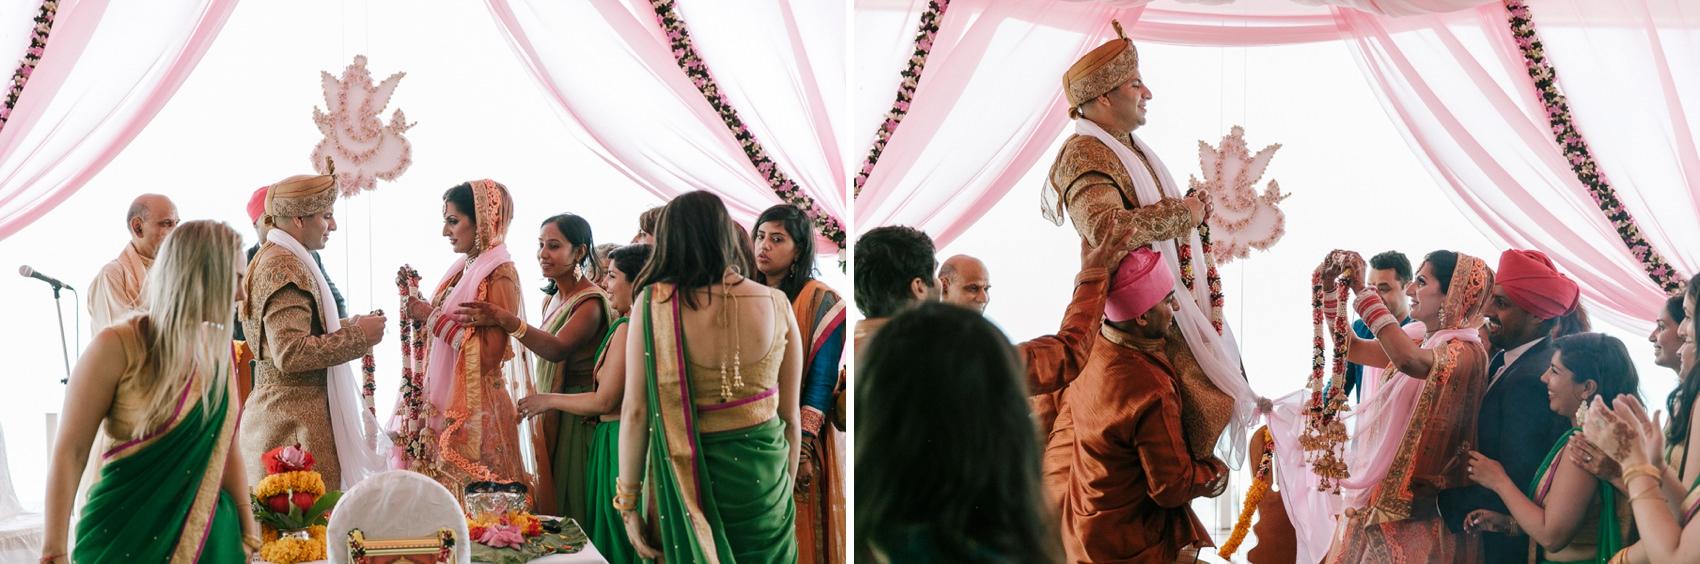 Indian-Wedding-Photography-Maala-Rohan_0237